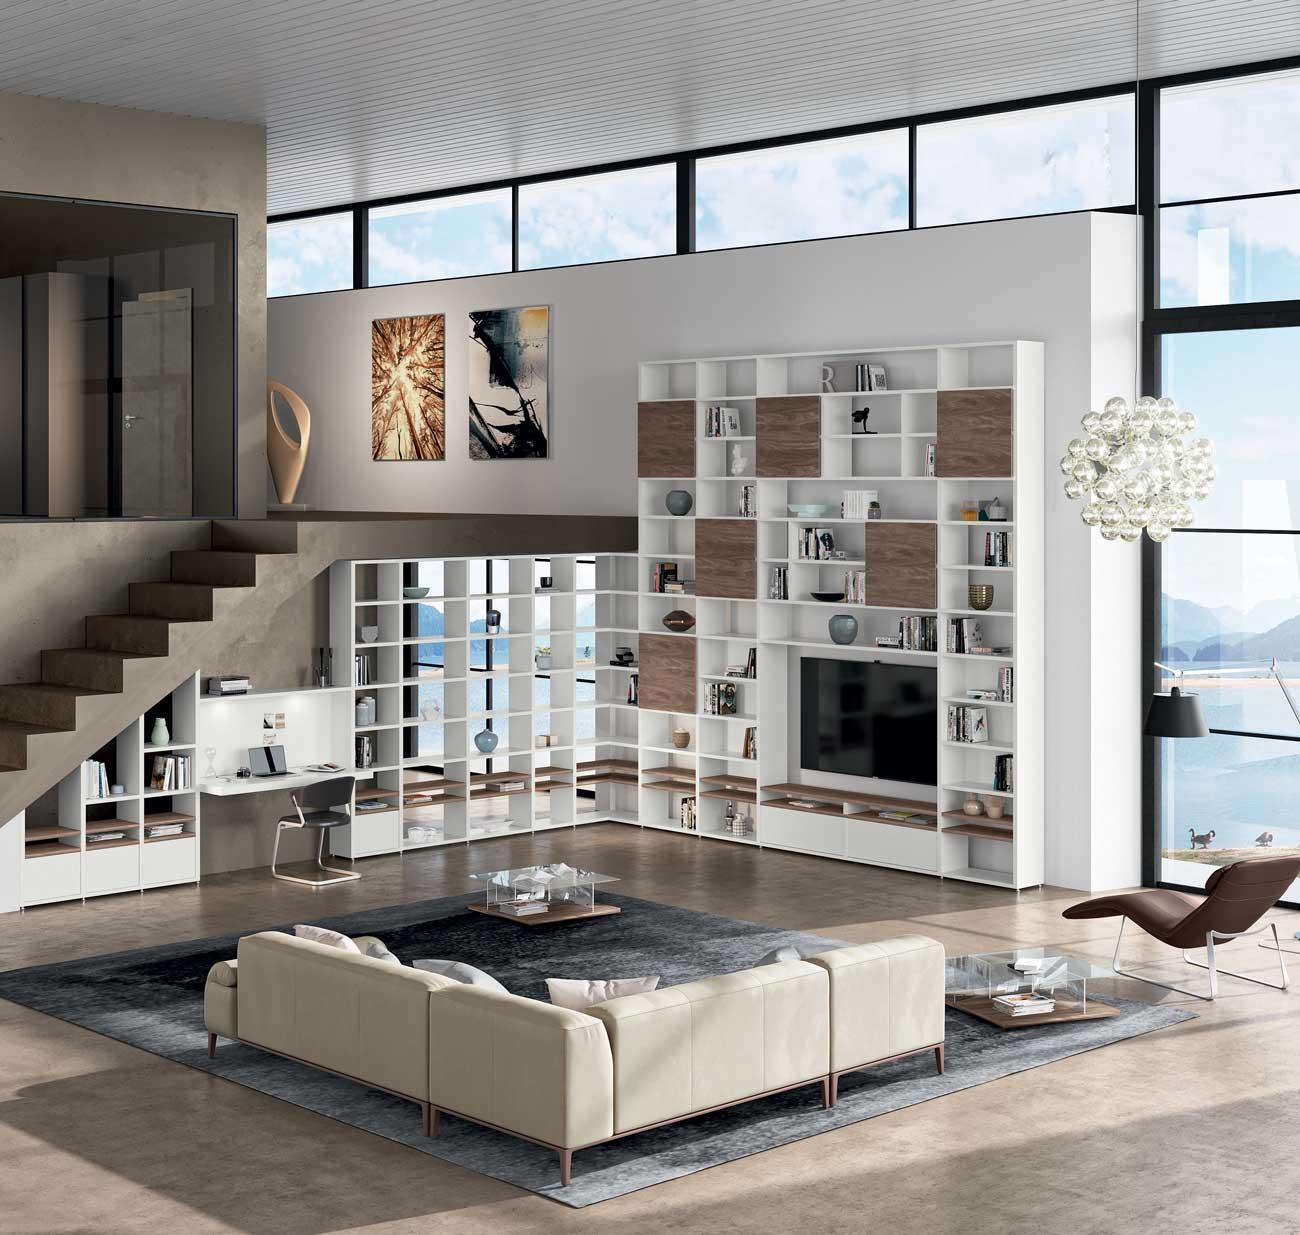 dcoration toulouse grand hotel de luopera fancy dress as decoration emploi decorateur toulouse. Black Bedroom Furniture Sets. Home Design Ideas